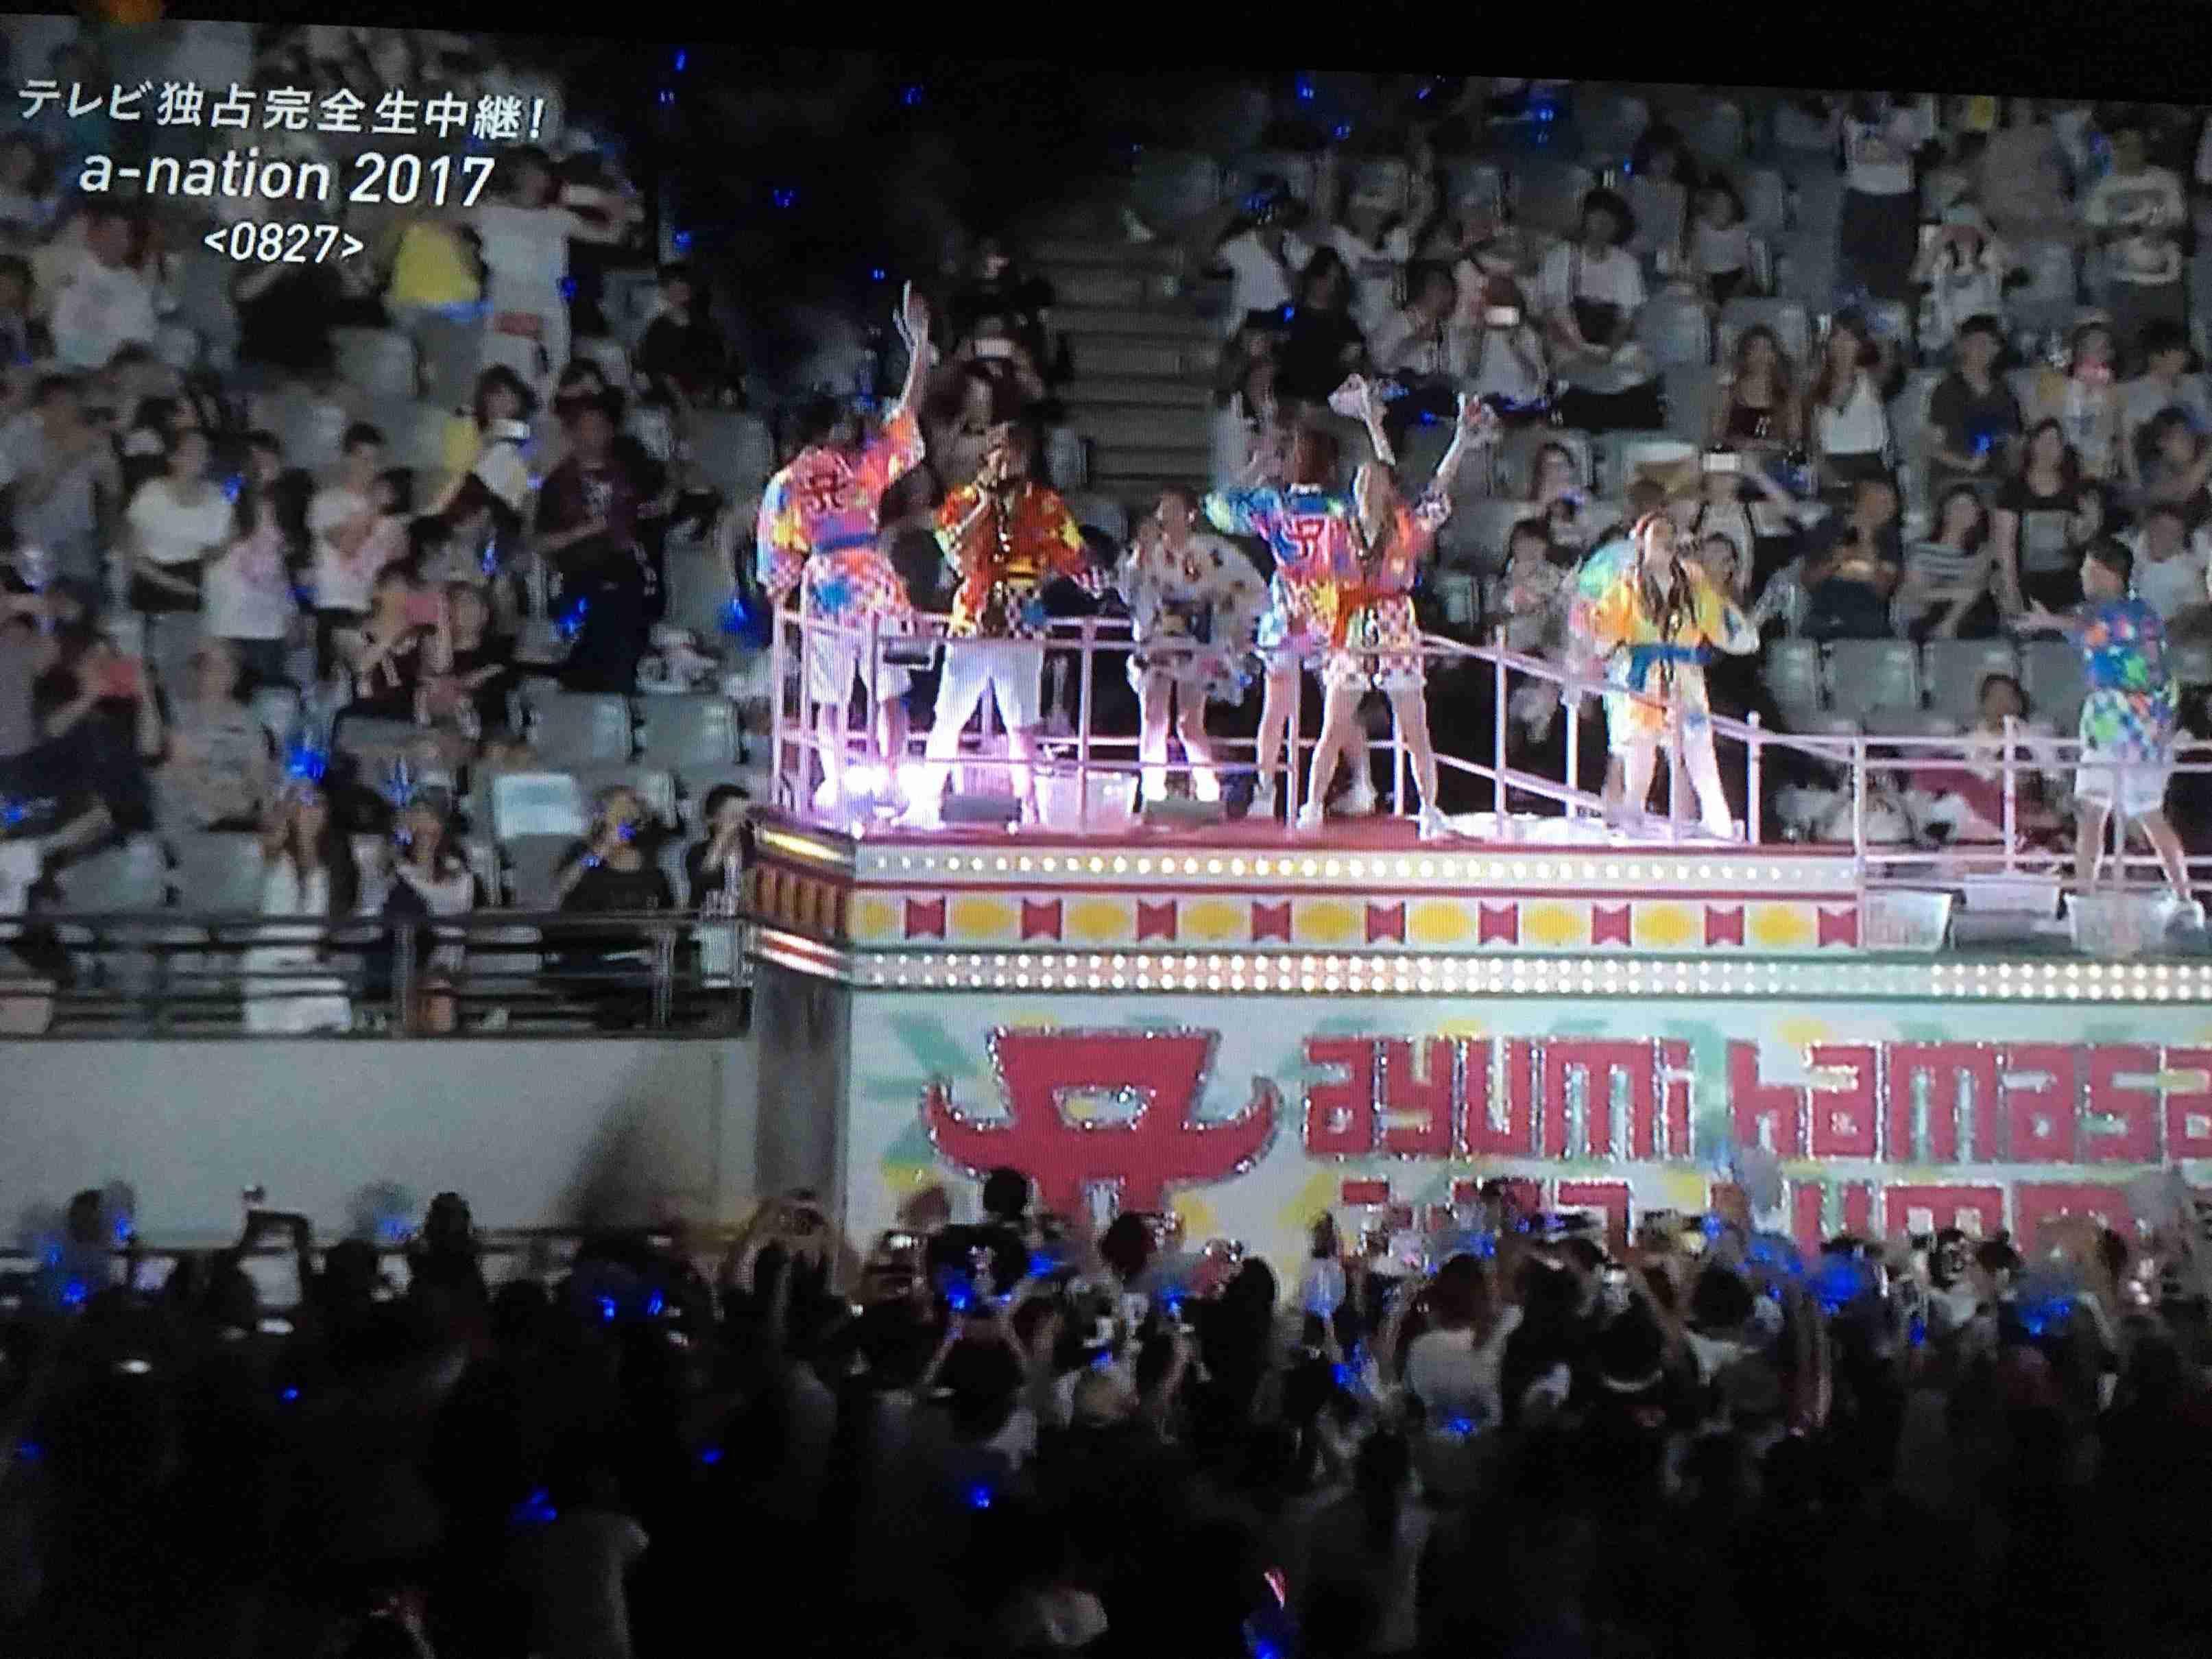 浜崎あゆみ「いくぜ、東京ー!」a-nation大トリで熱唱 ミニスカドレスも披露